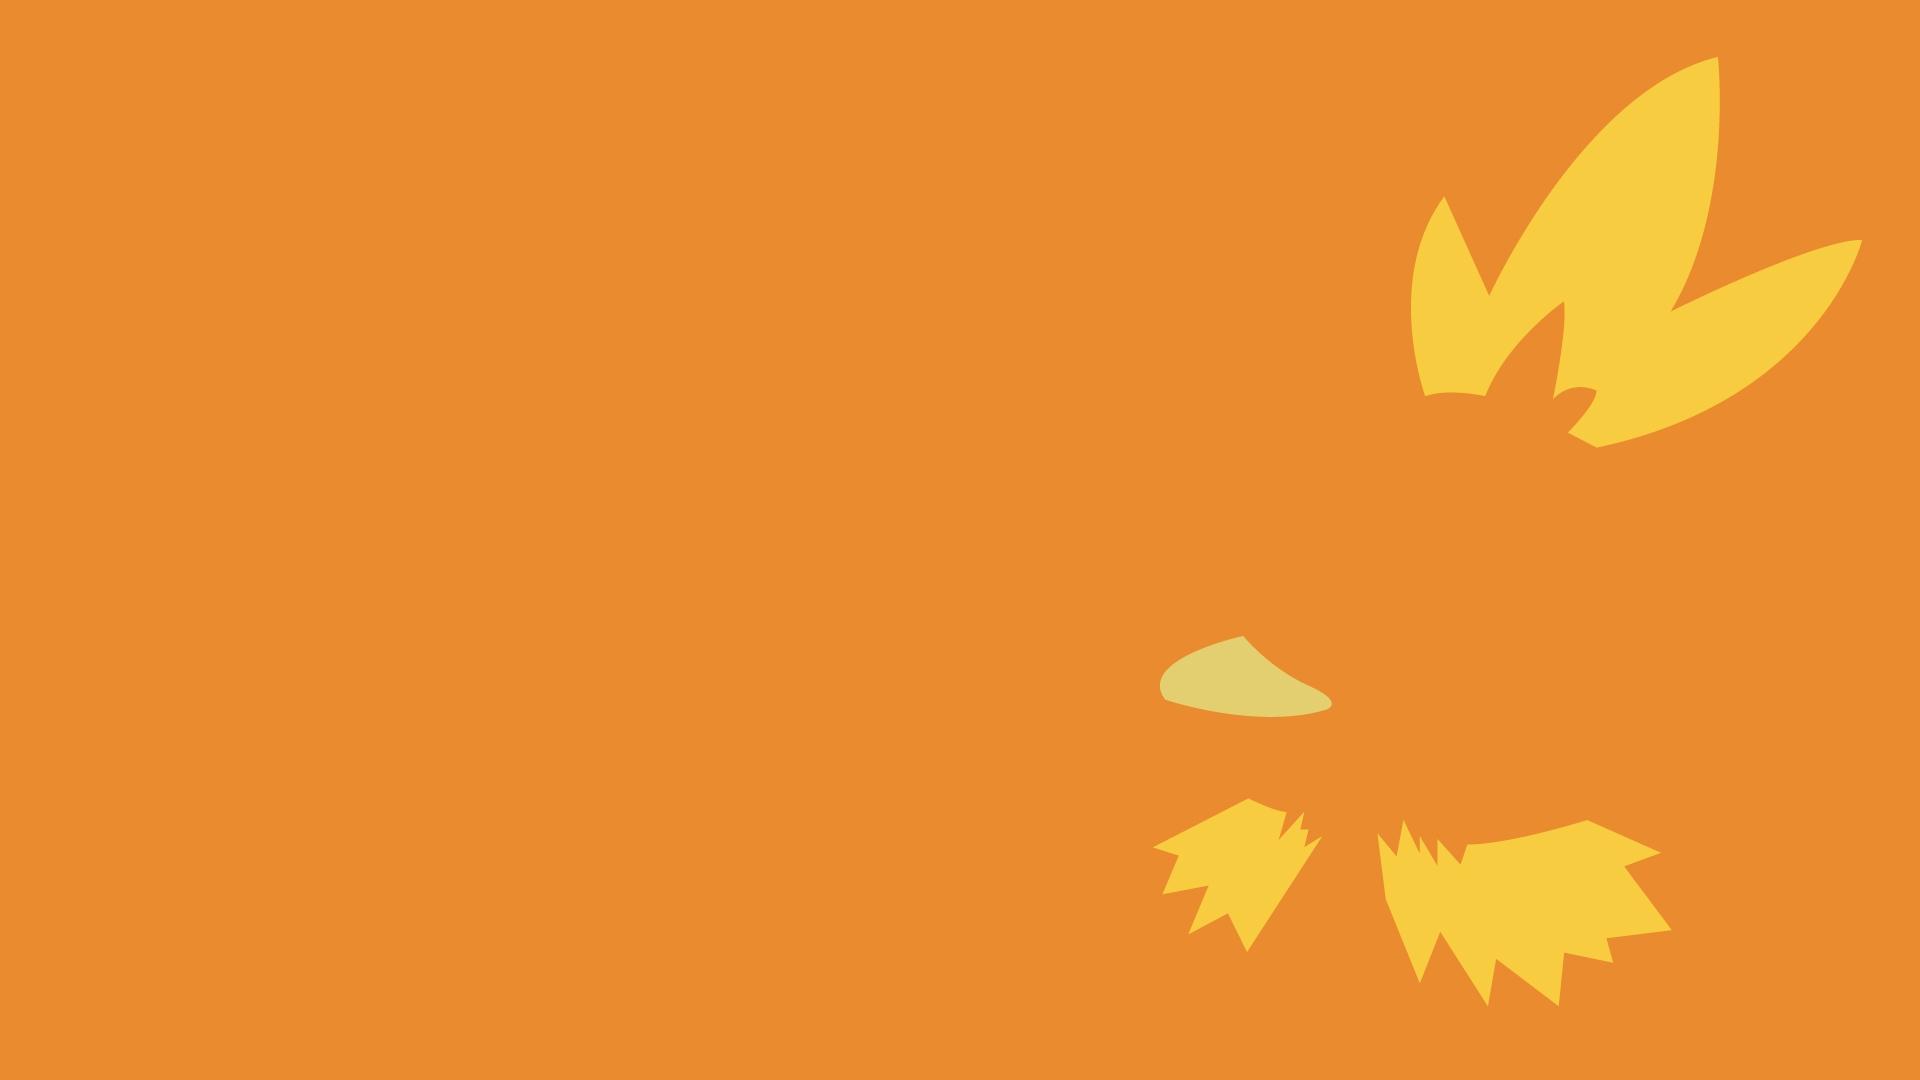 Pokemon wallpaper 15